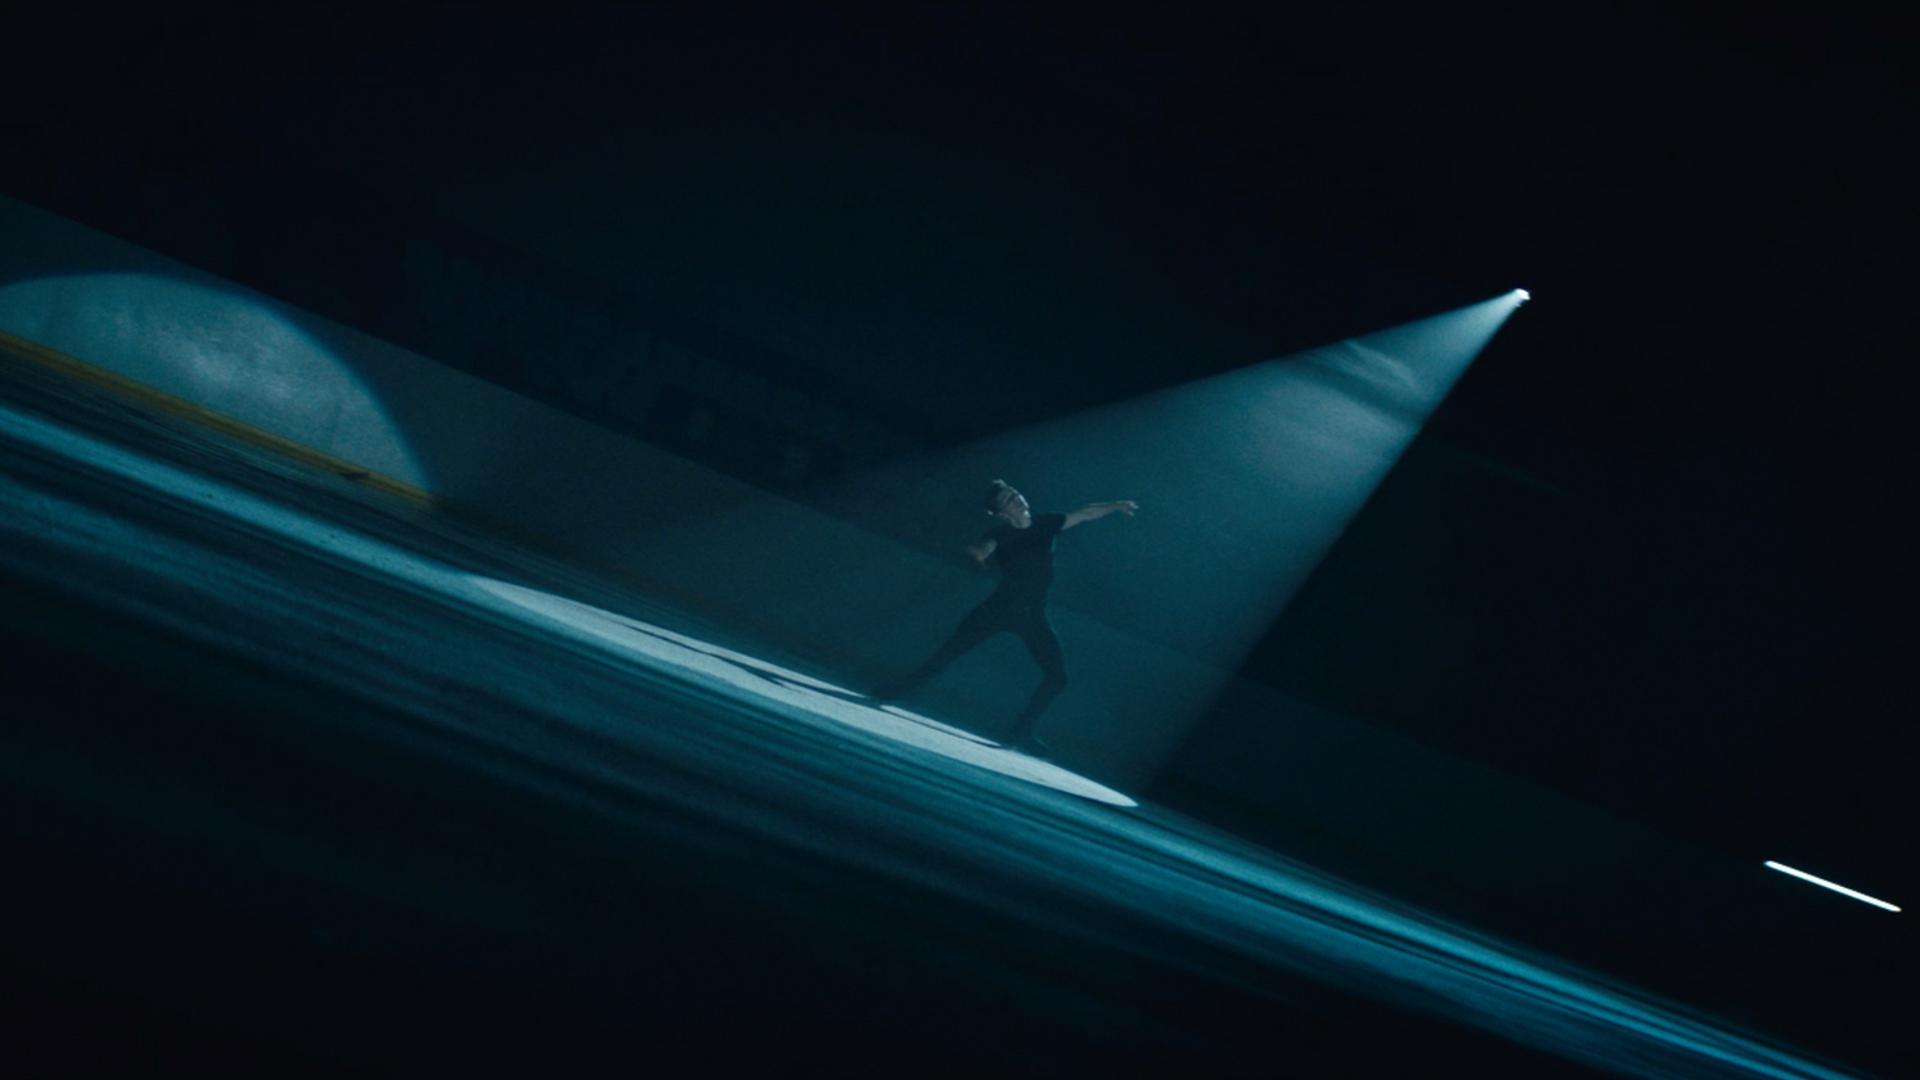 Figure Skater Overcomes Bullying in Poignant Guy Sebastian Music Video